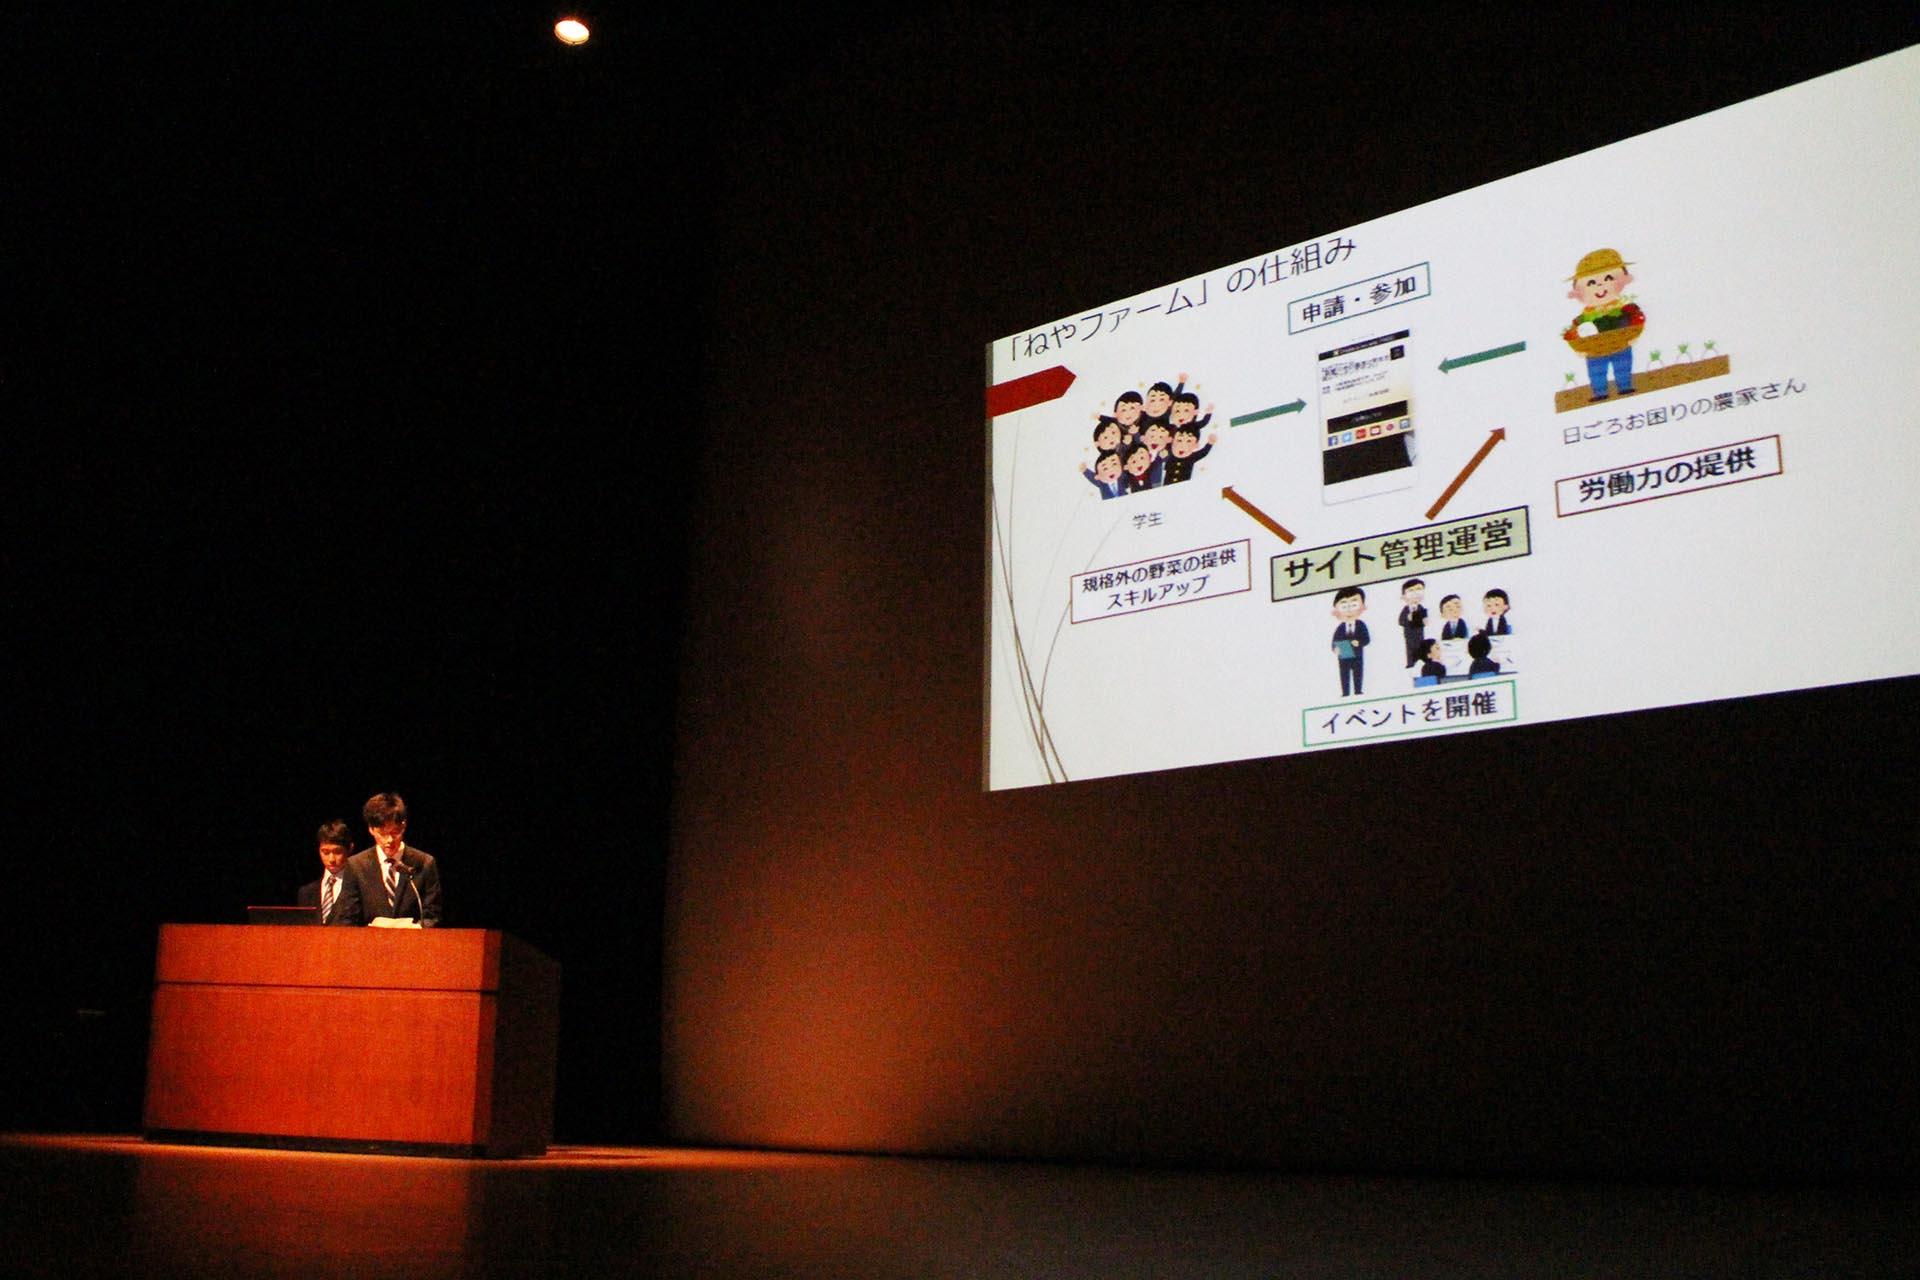 学生のビジネスプランを募集する「ワガヤネヤガワ・ベンチャービジネスコンテスト2016」でグランプリと部門賞を受賞 -- 大阪電気通信大学